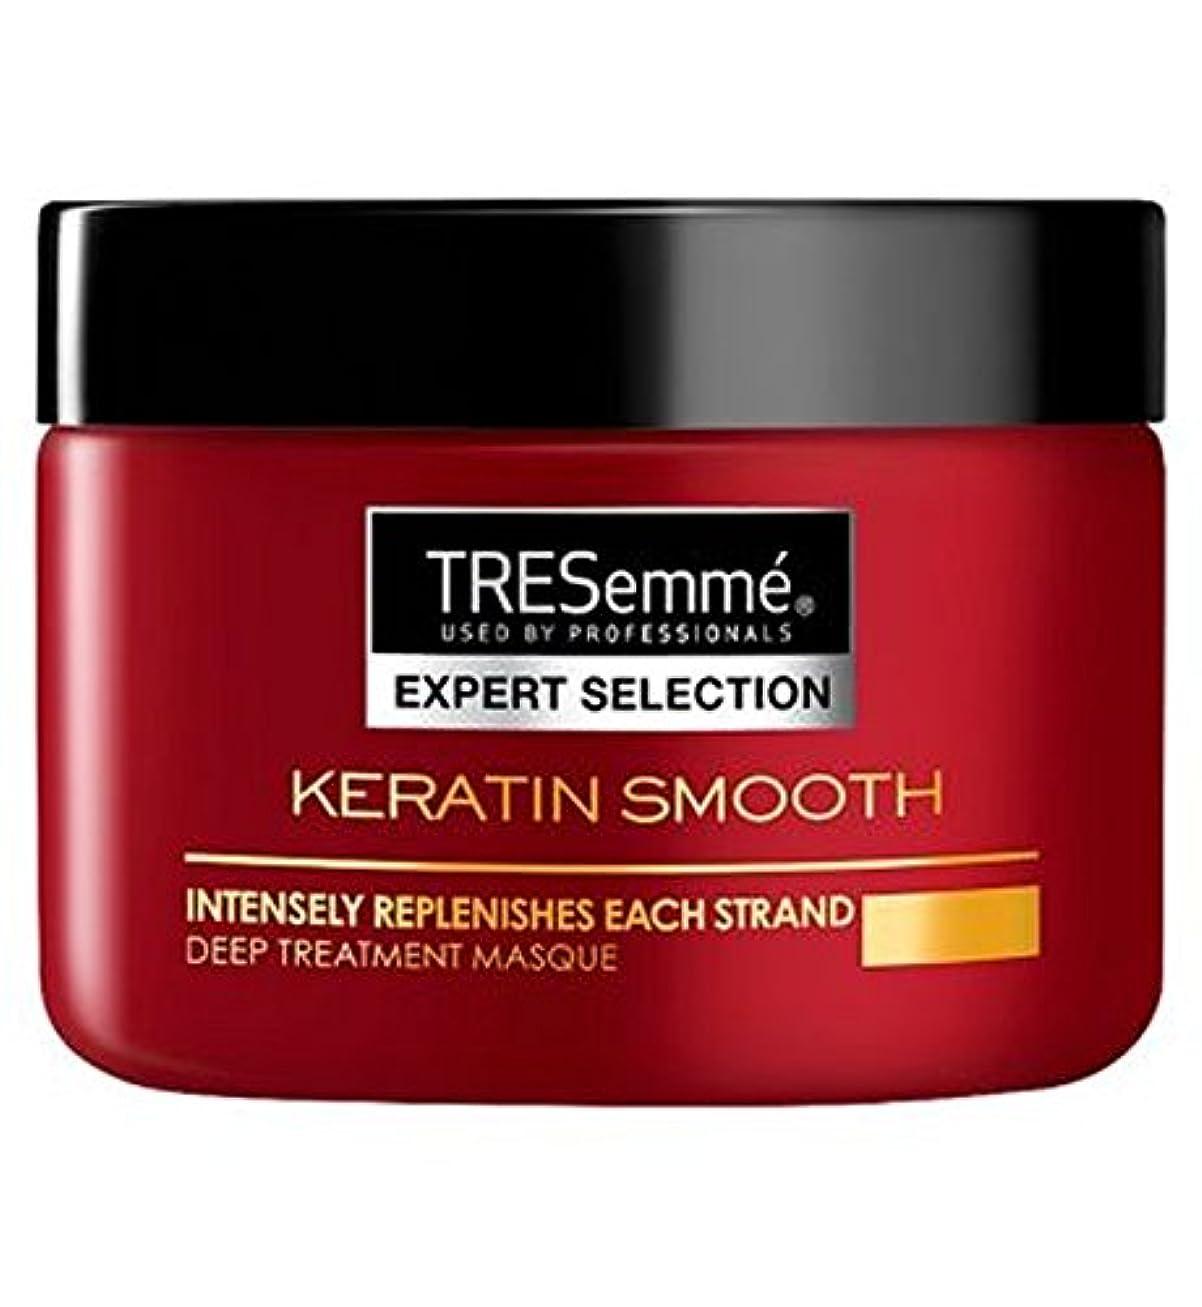 事件、出来事ライセンス用心するTresemme Keratin Smooth Deep Treatment Masque 300ml - Tresemmeケラチン滑らかな深い治療の仮面劇の300ミリリットル (Tresemme) [並行輸入品]